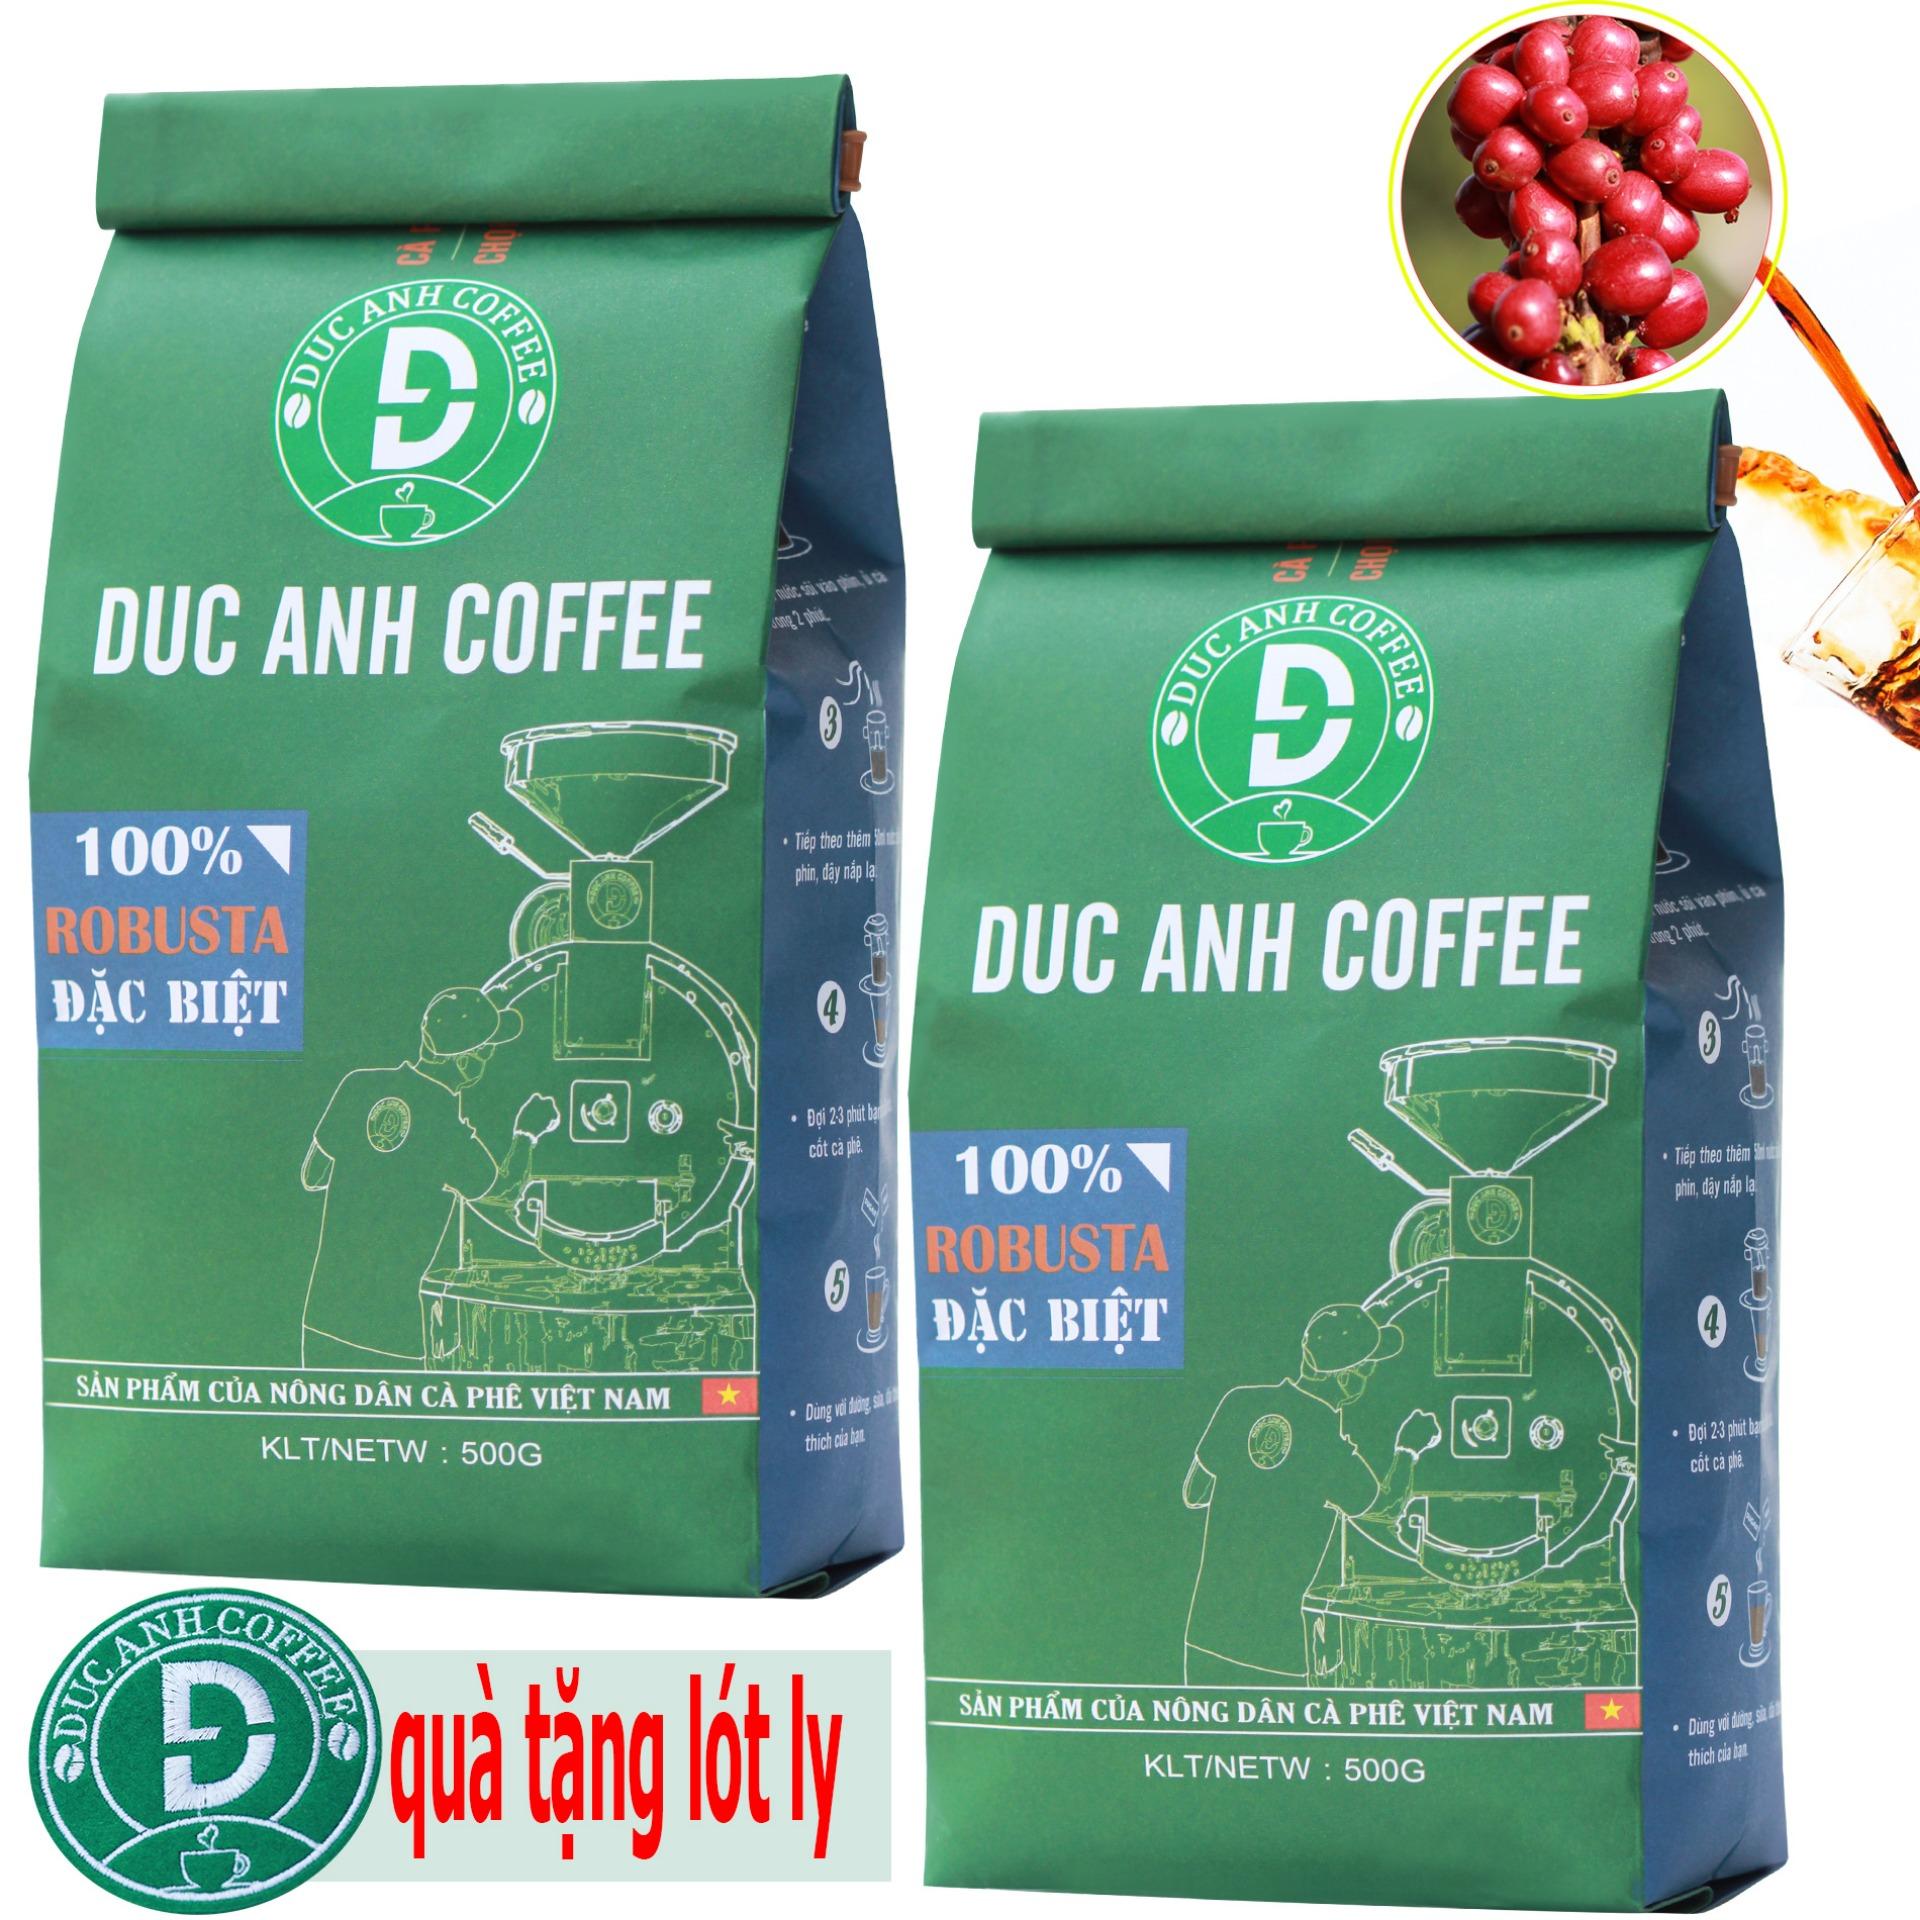 [TRỢ GIÁ] 1kg Cà Phê Rang Xay Đặc Biệt DUC ANH COFFEE Rang mộc Pha Phin - 100% Robusta Thượng Hạng - chọn trái chín - Sản phẩm cà phê rang xay nguyên chất  bán chạy top 1 - Trực tiếp từ nhà sản xuất - Túi  Xanh